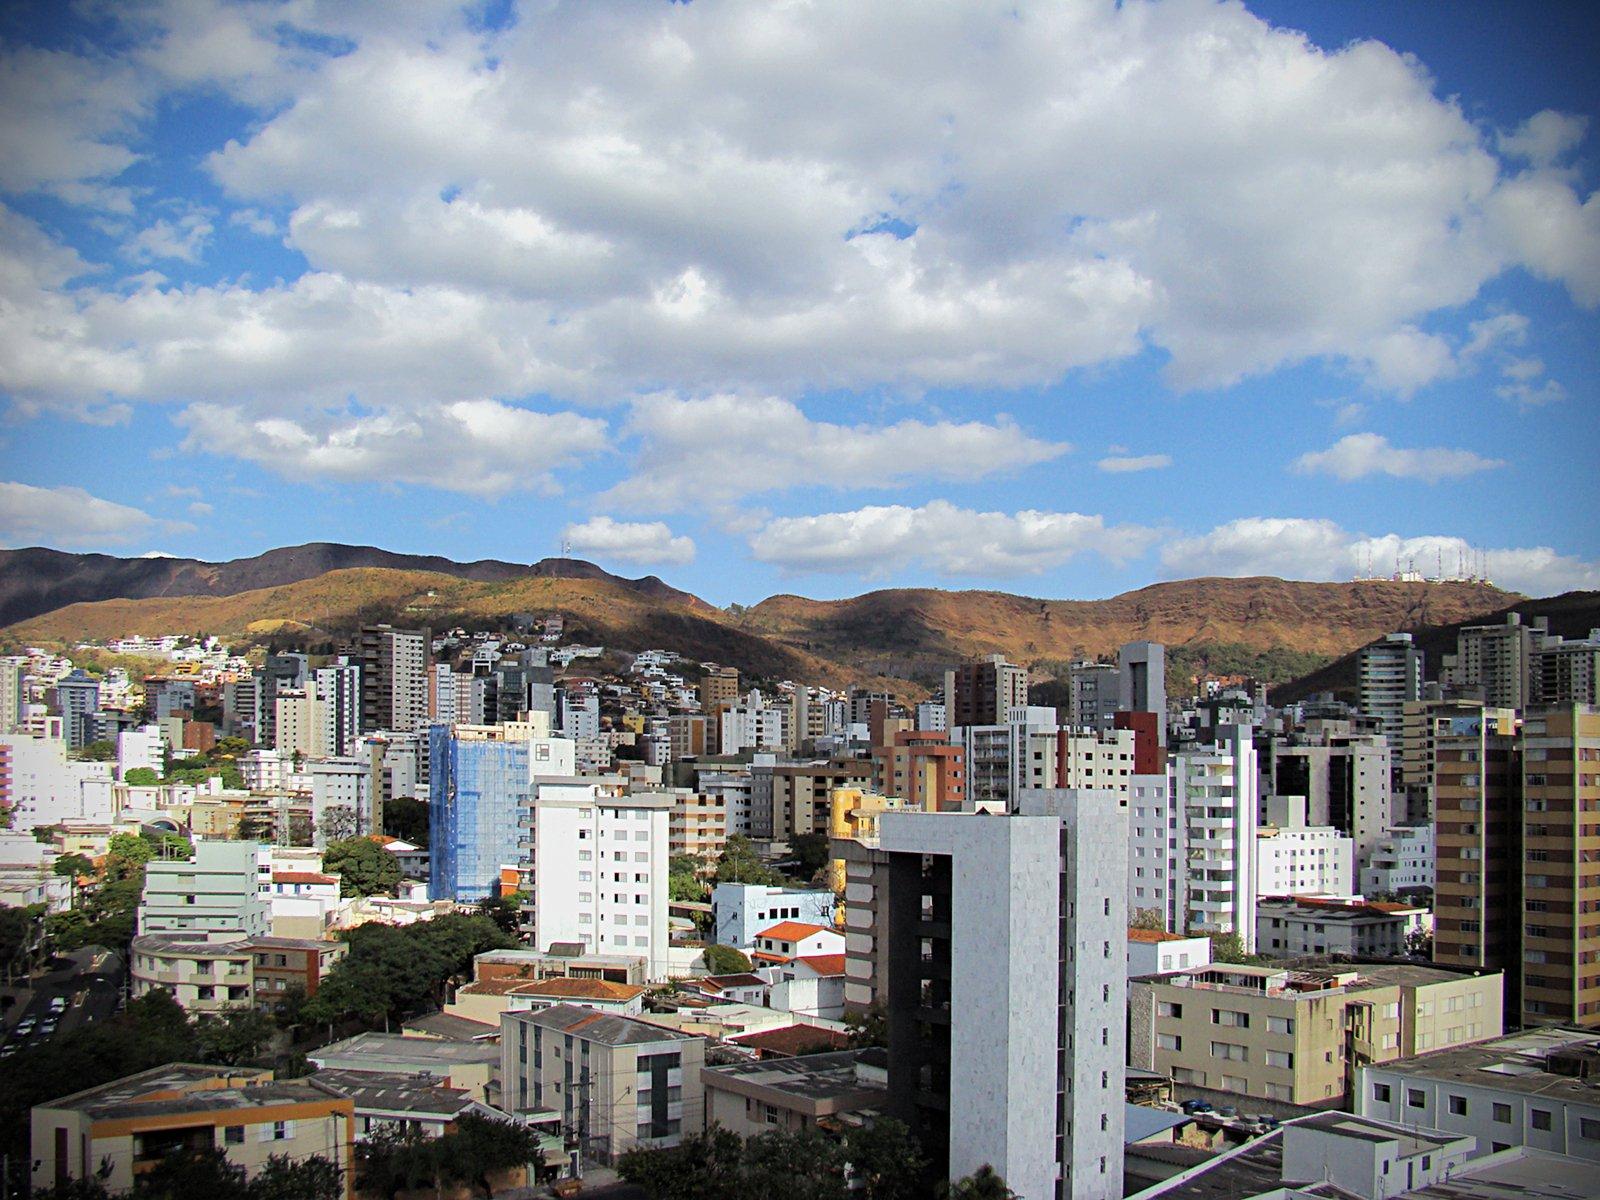 belo horizonte brazil - 800×600